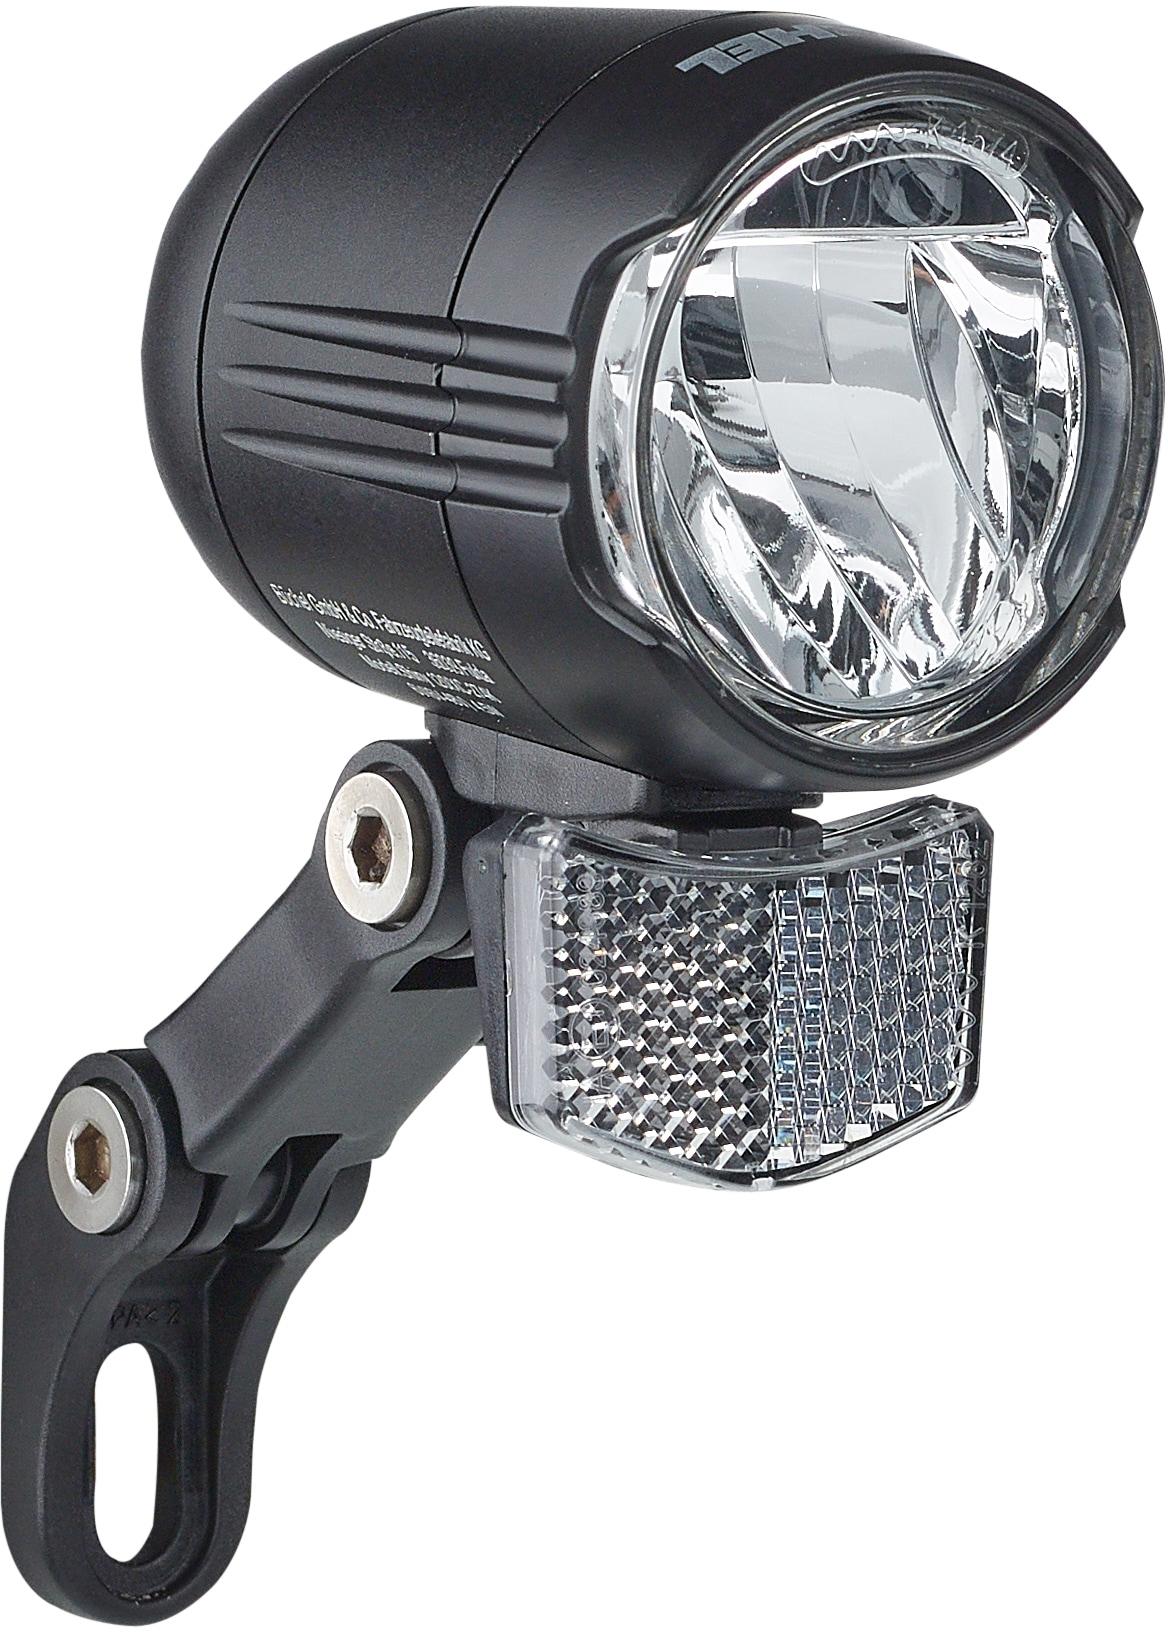 Büchel Fahrrad-Frontlicht Shiny 120 E-Bike schwarz Fahrradzubehör Fahrräder Zubehör